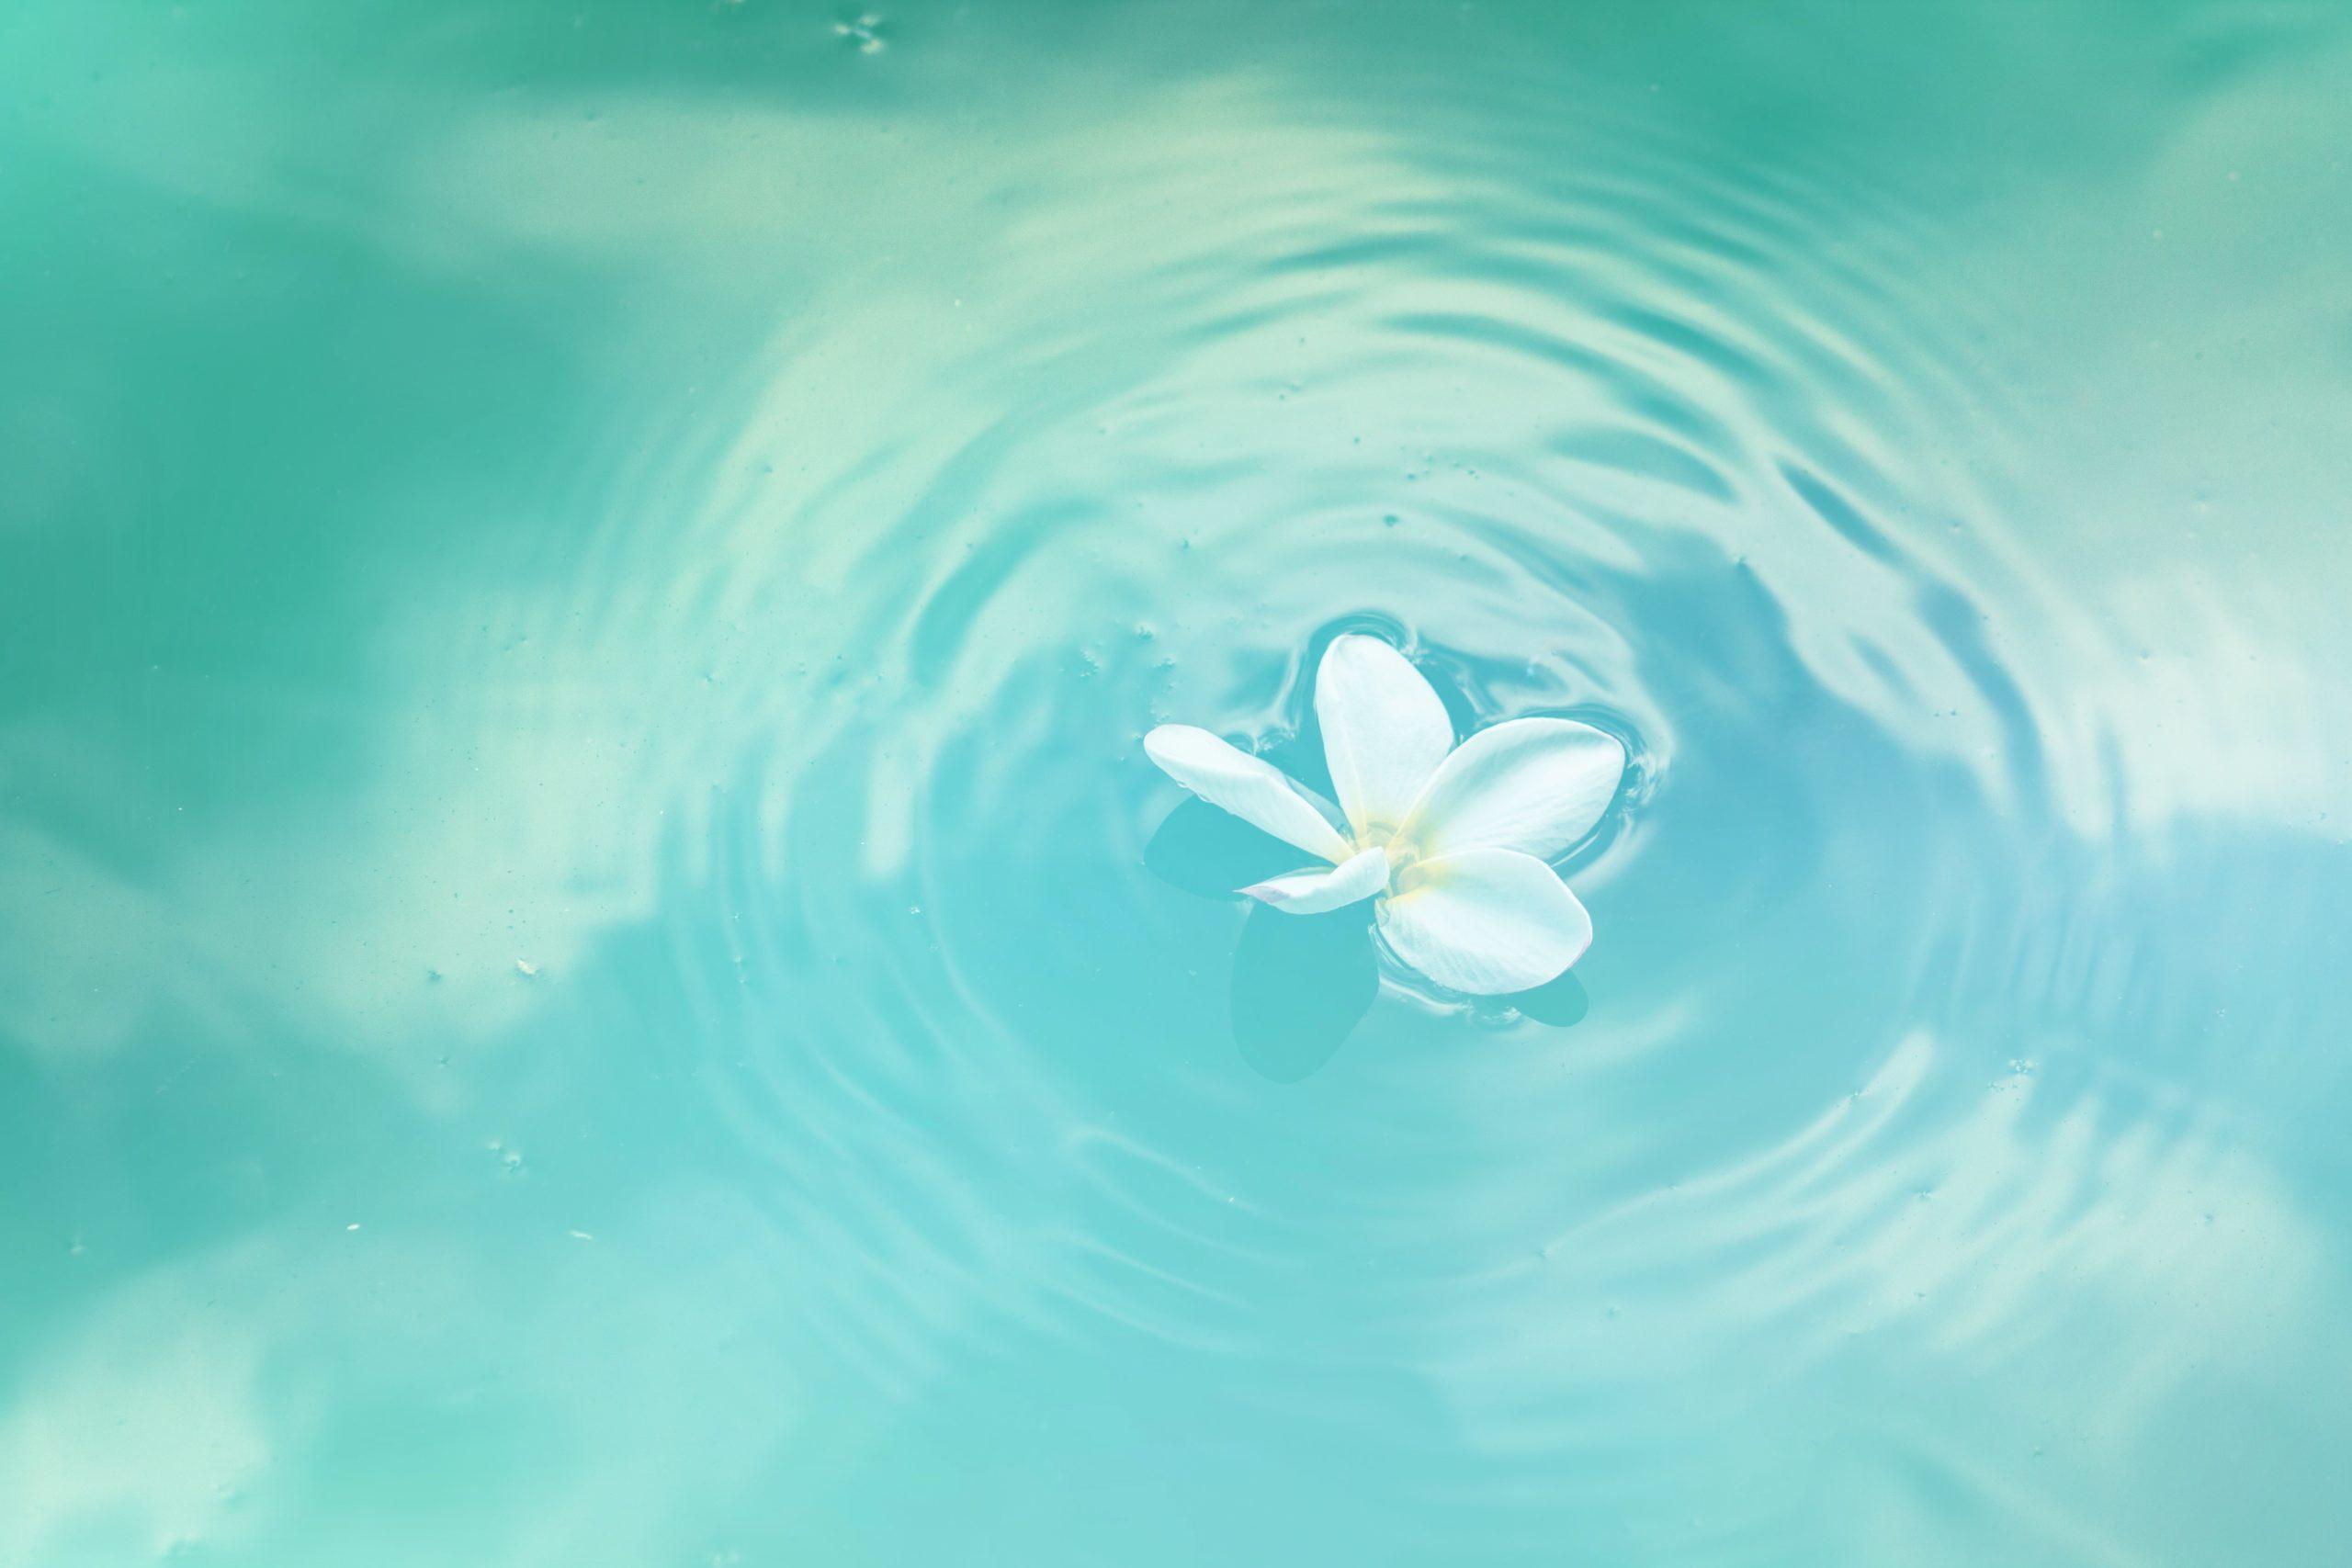 7月5日(日)・16日(木)・25日(土)「『根本から癒されてみない?』一悟術ヒーリング無料個別相談会」@Zoom